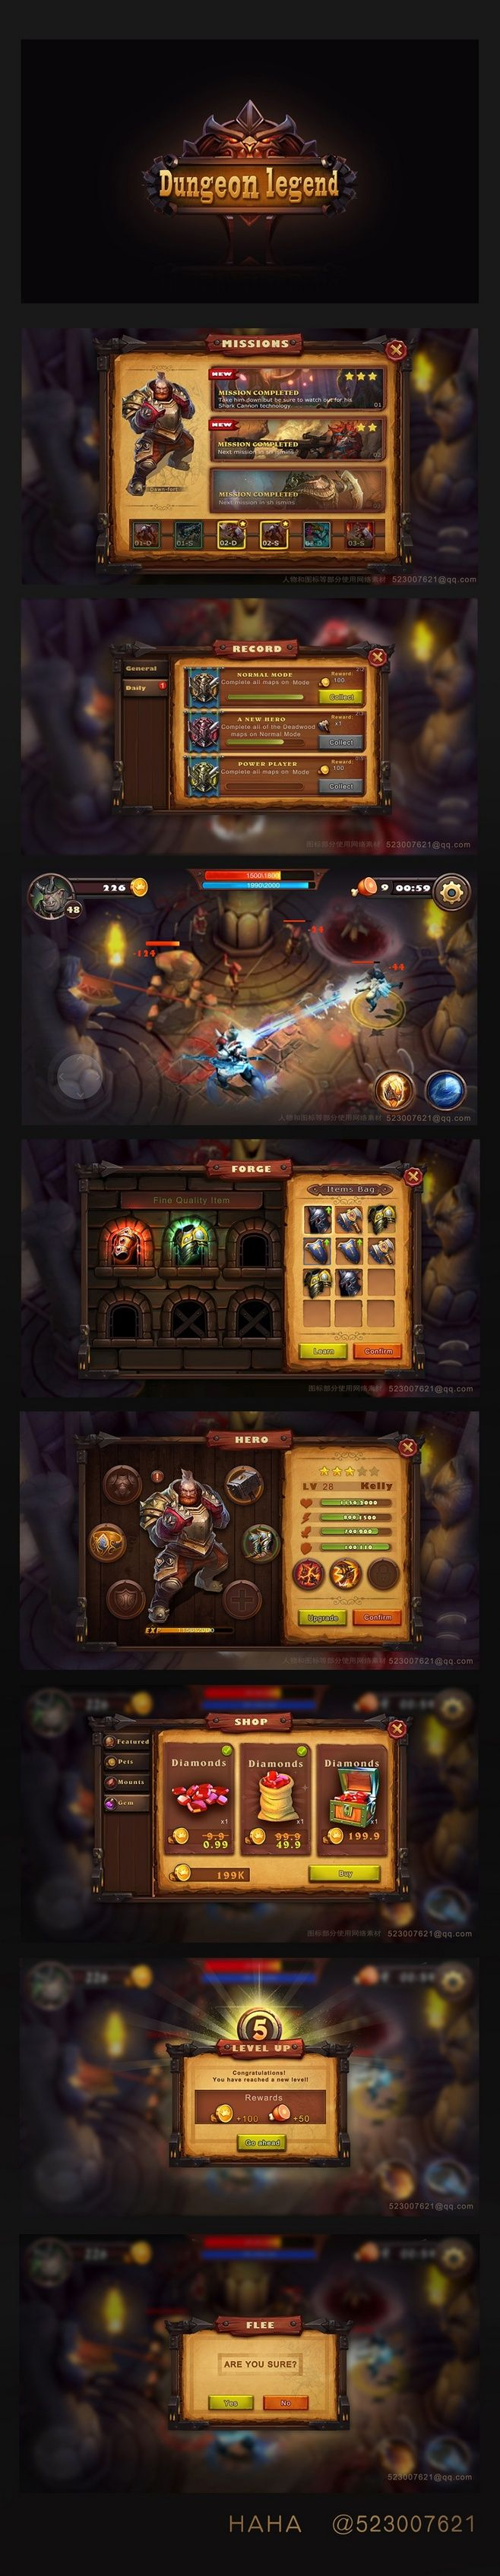 Original works: Dungeon Legends